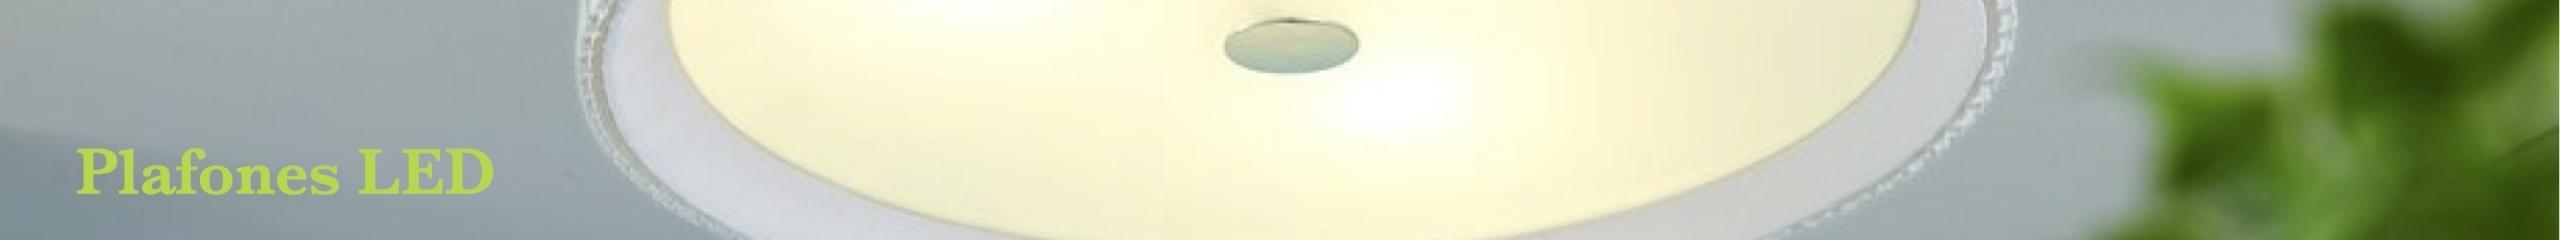 Plafones Techo LED